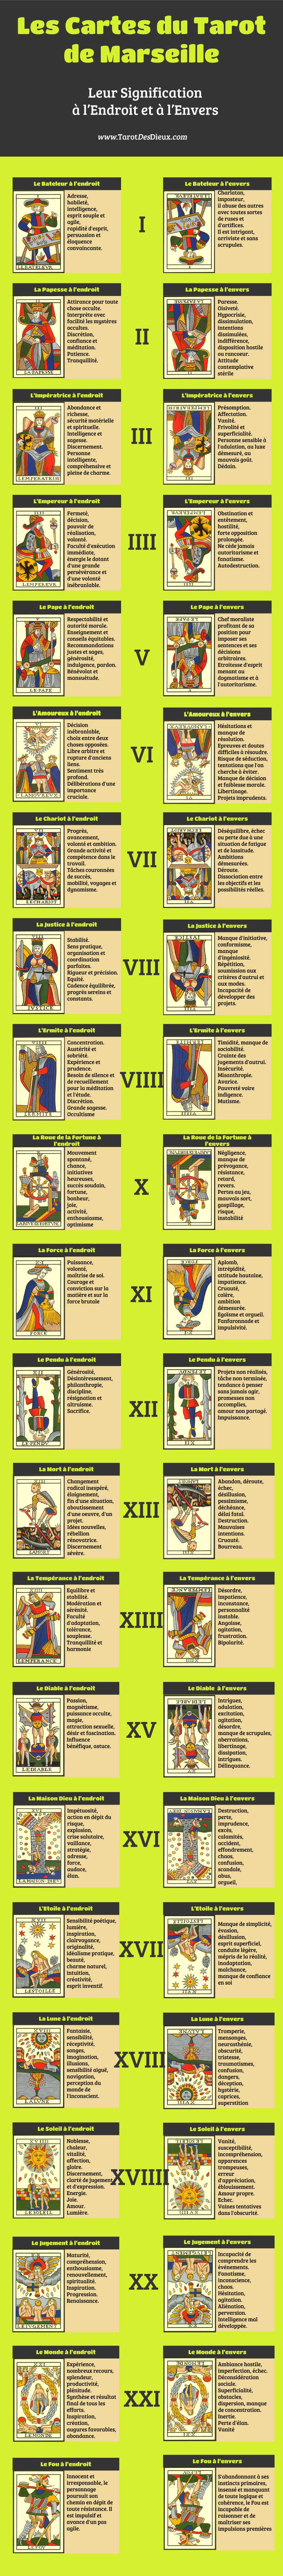 Un infographic pour récapituler les significations des cartes du Tarot de Marseille à l'envers et à l'endroit.